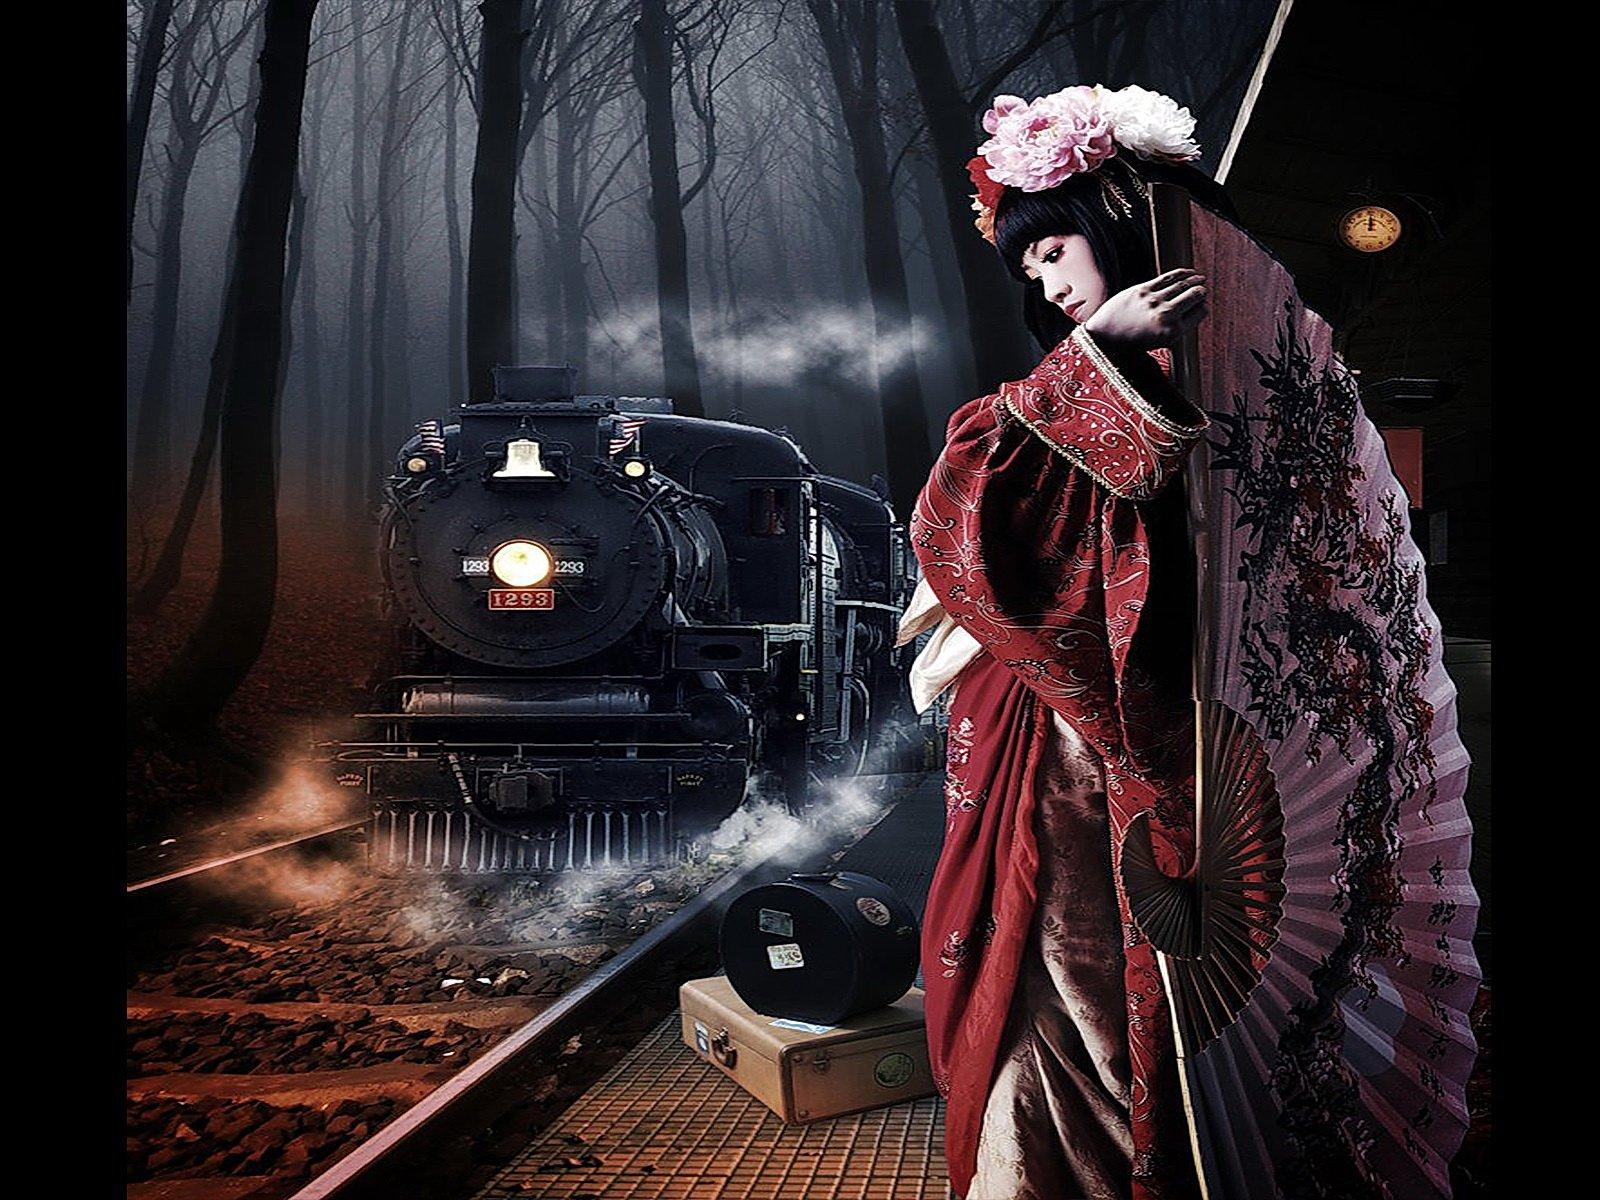 Компьютерная Графика - Научная Фантастика  Красный Дерево Тьма Часы Восток Красивые Девушка Поезд Обои